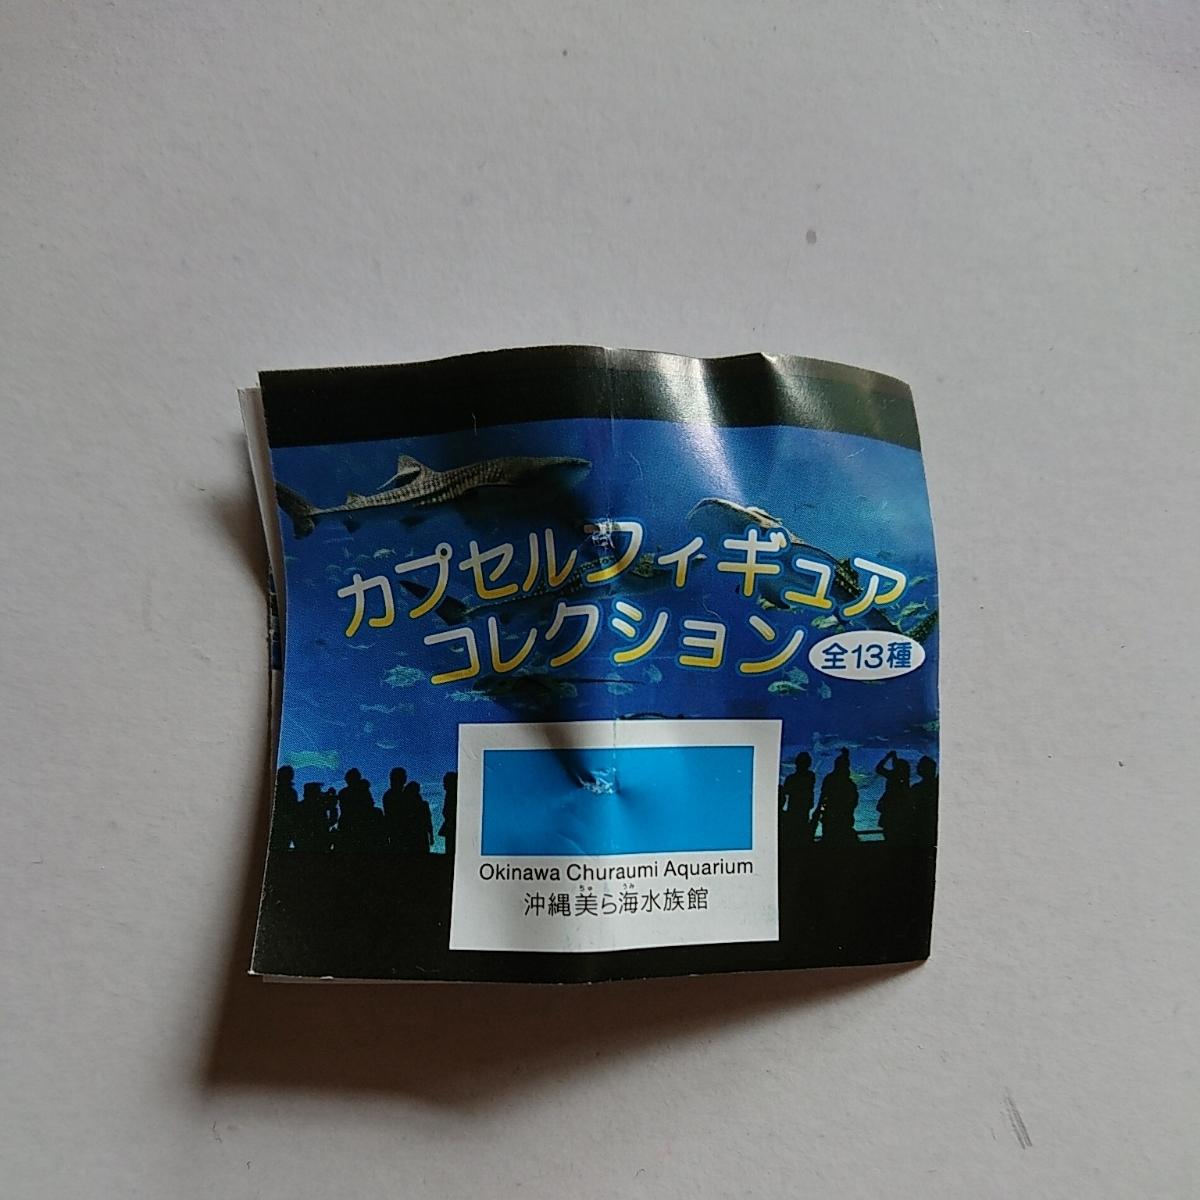 美ら海水族館 カプセルフィギュア ジンベエザメ カマイルカ_画像2